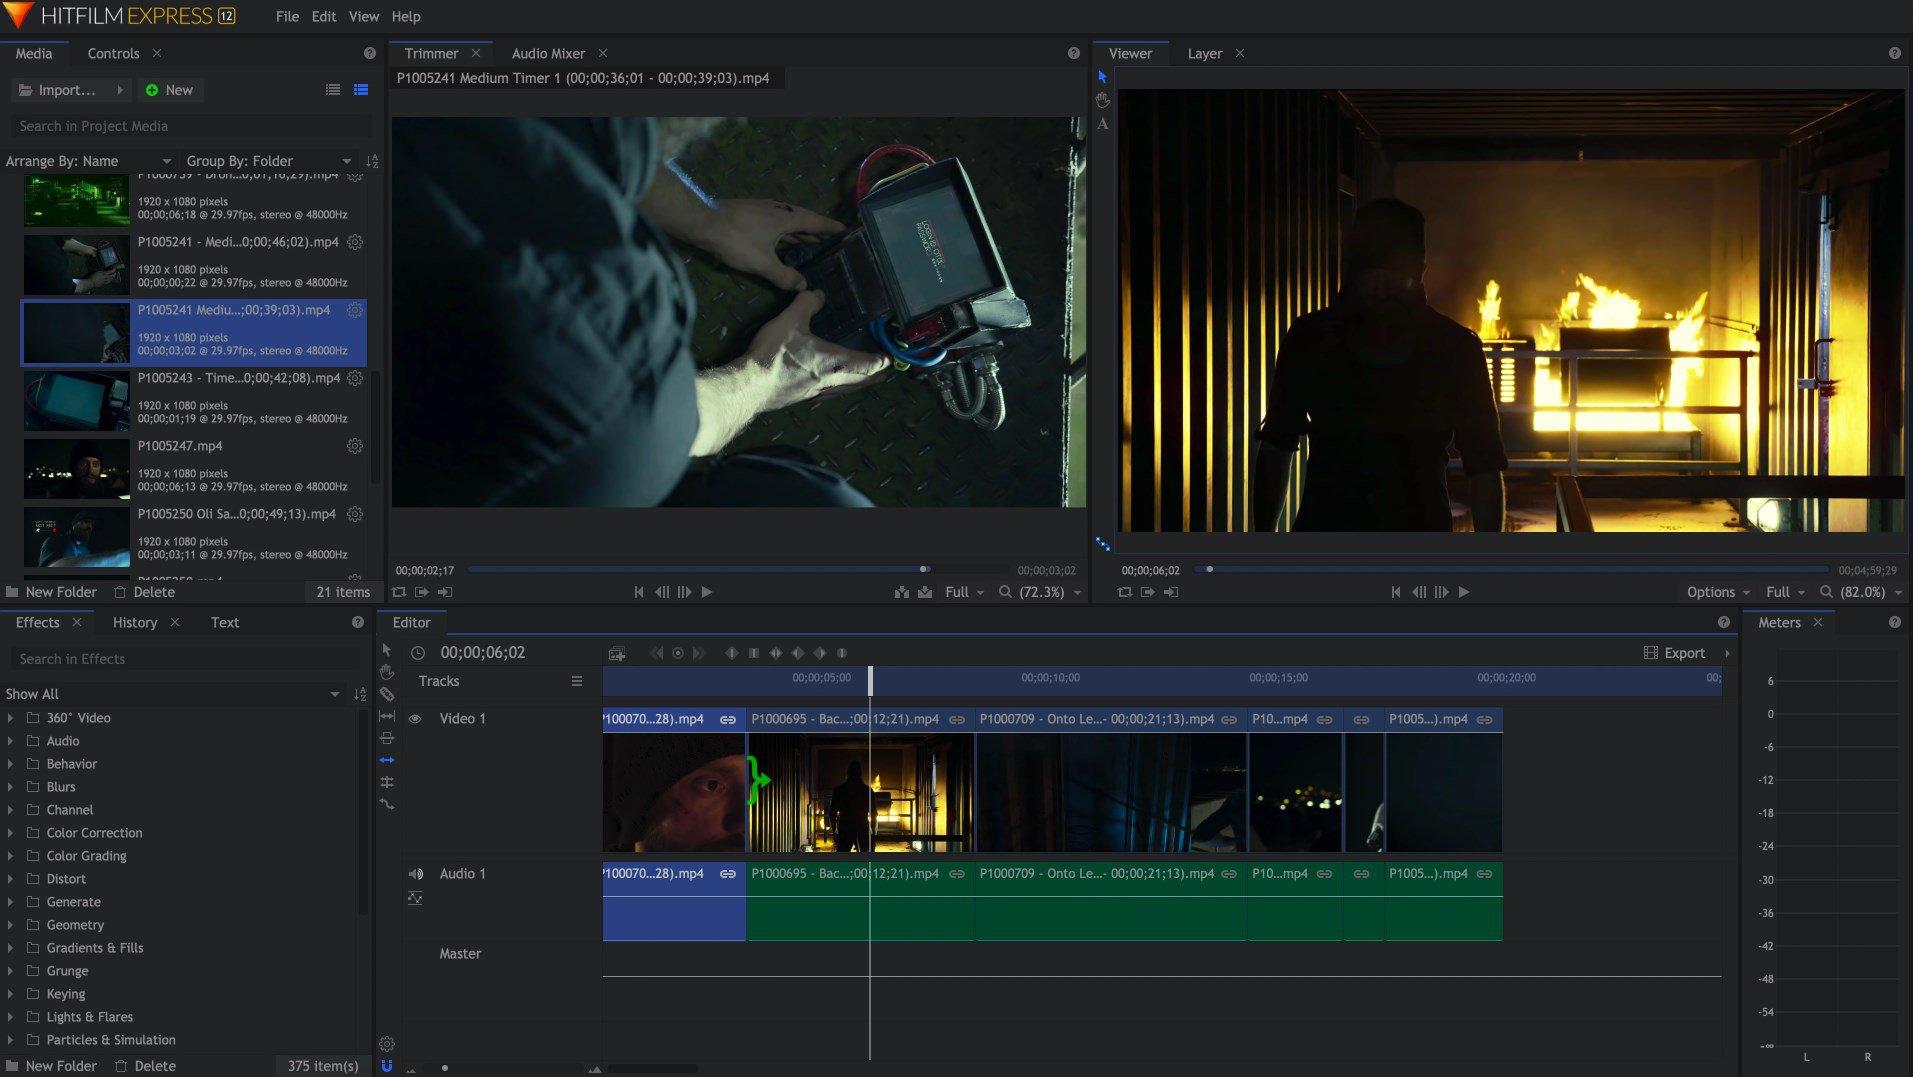 HitFilm Express - népszerű ingyenes videó szerkesztő és filmszerkesztő, illetve zeneszerző